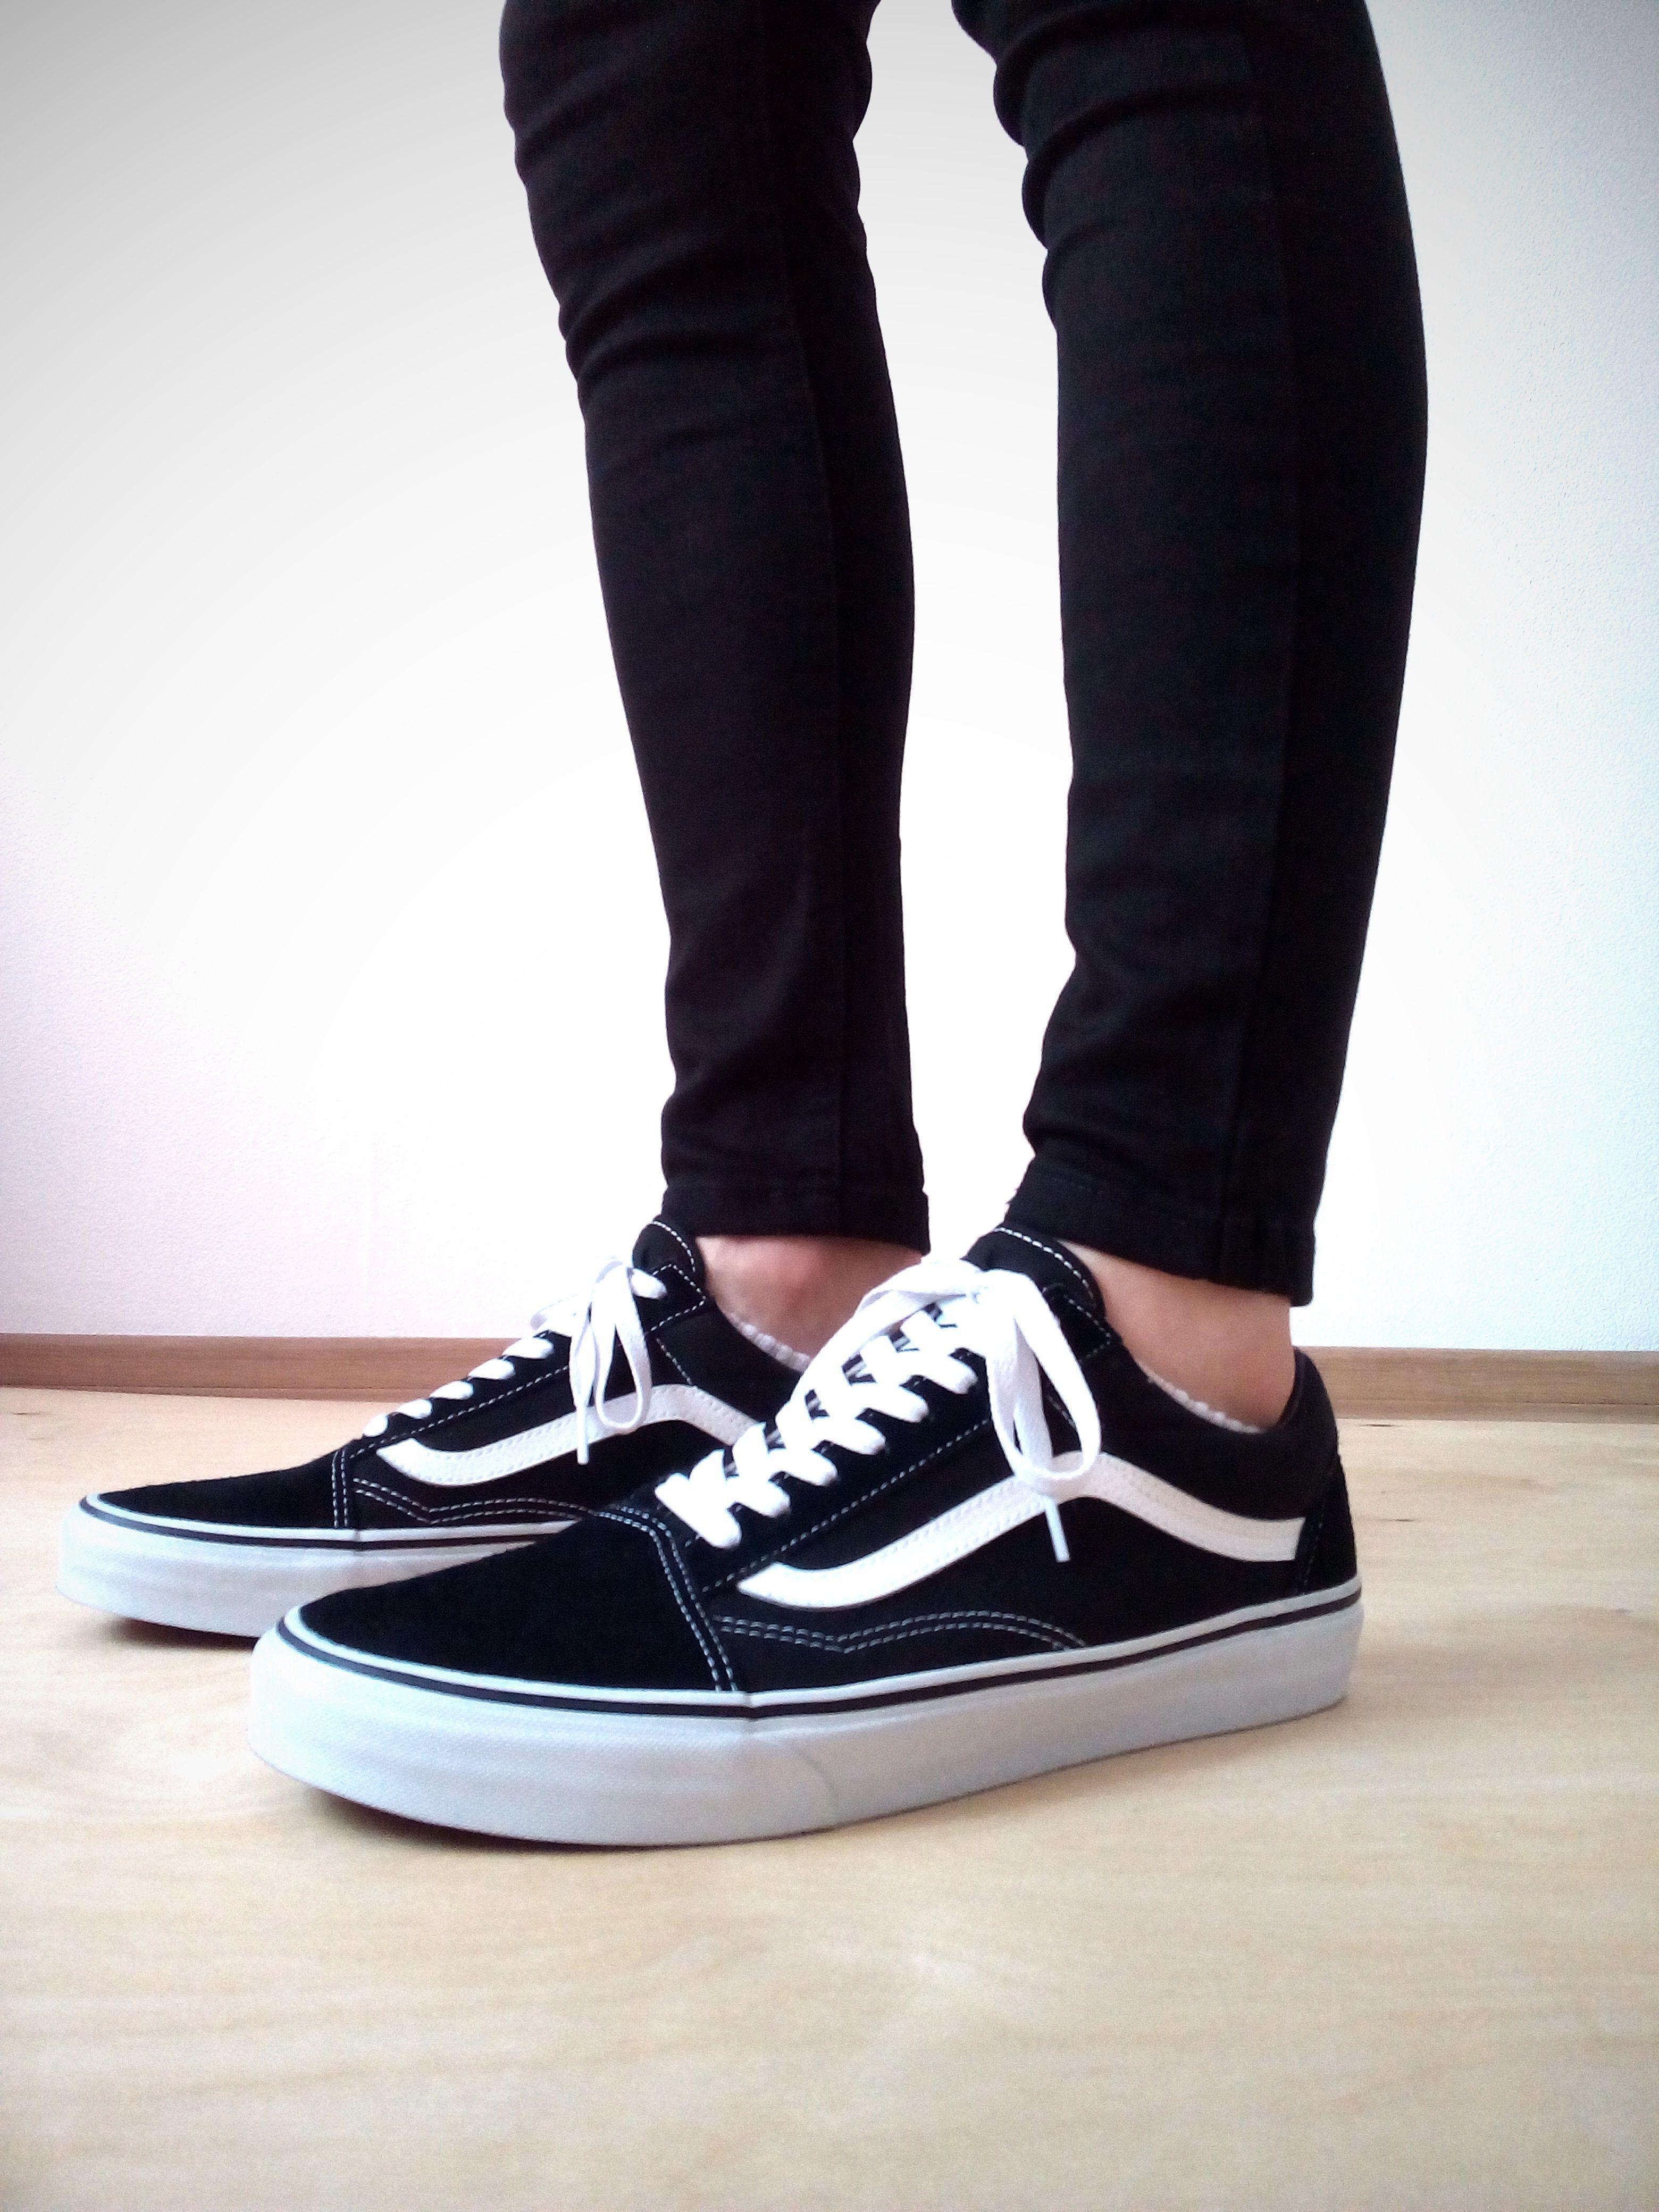 vans old skool on feet black skinny jeans boys guys | vans